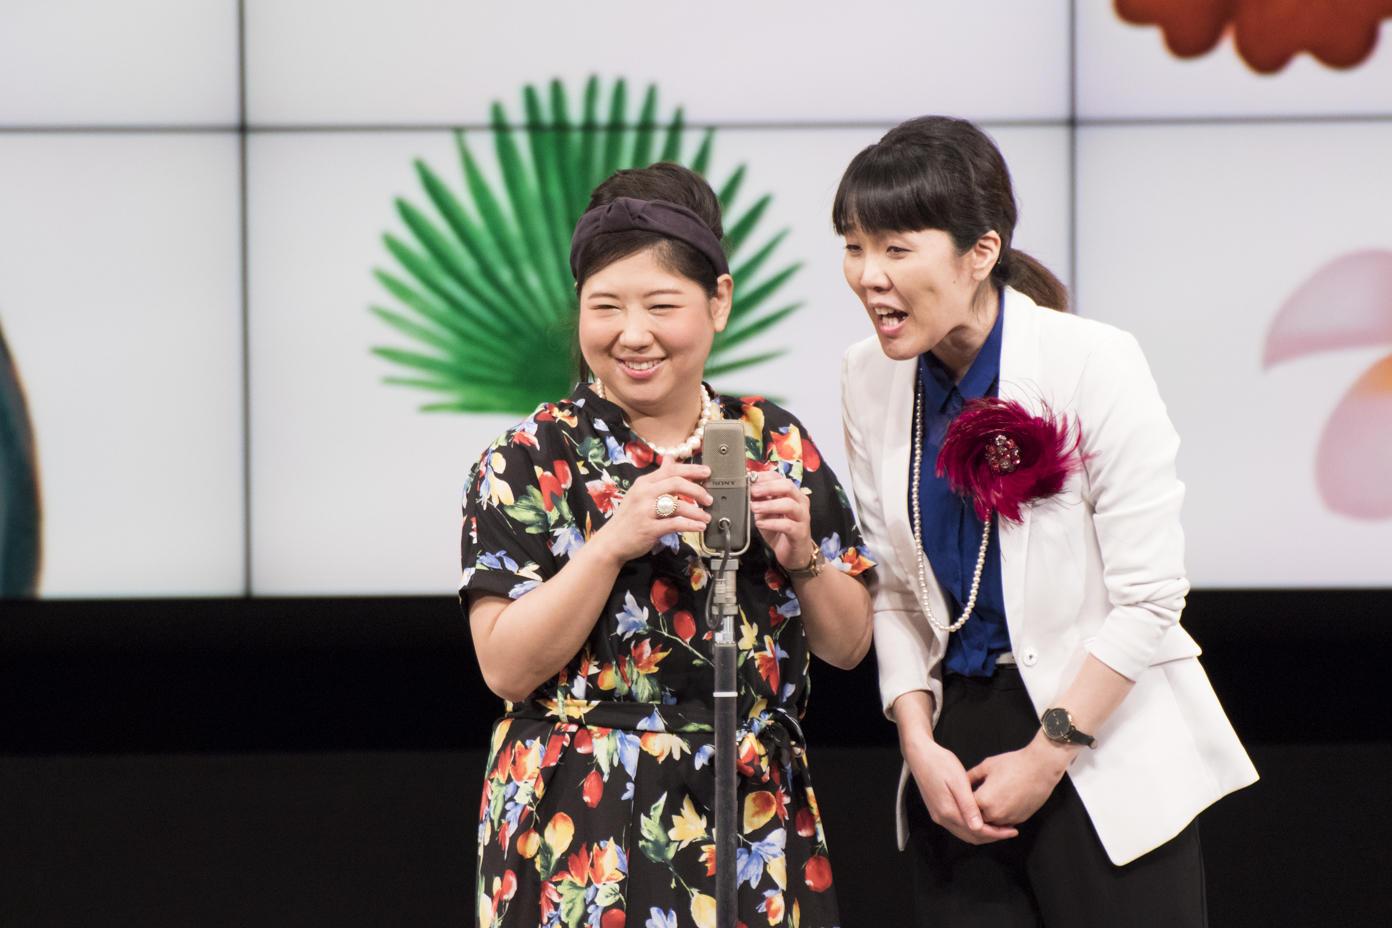 http://news.yoshimoto.co.jp/20170907215900-0df597448d75fdd3e8d55222a923be412aed20a2.jpg